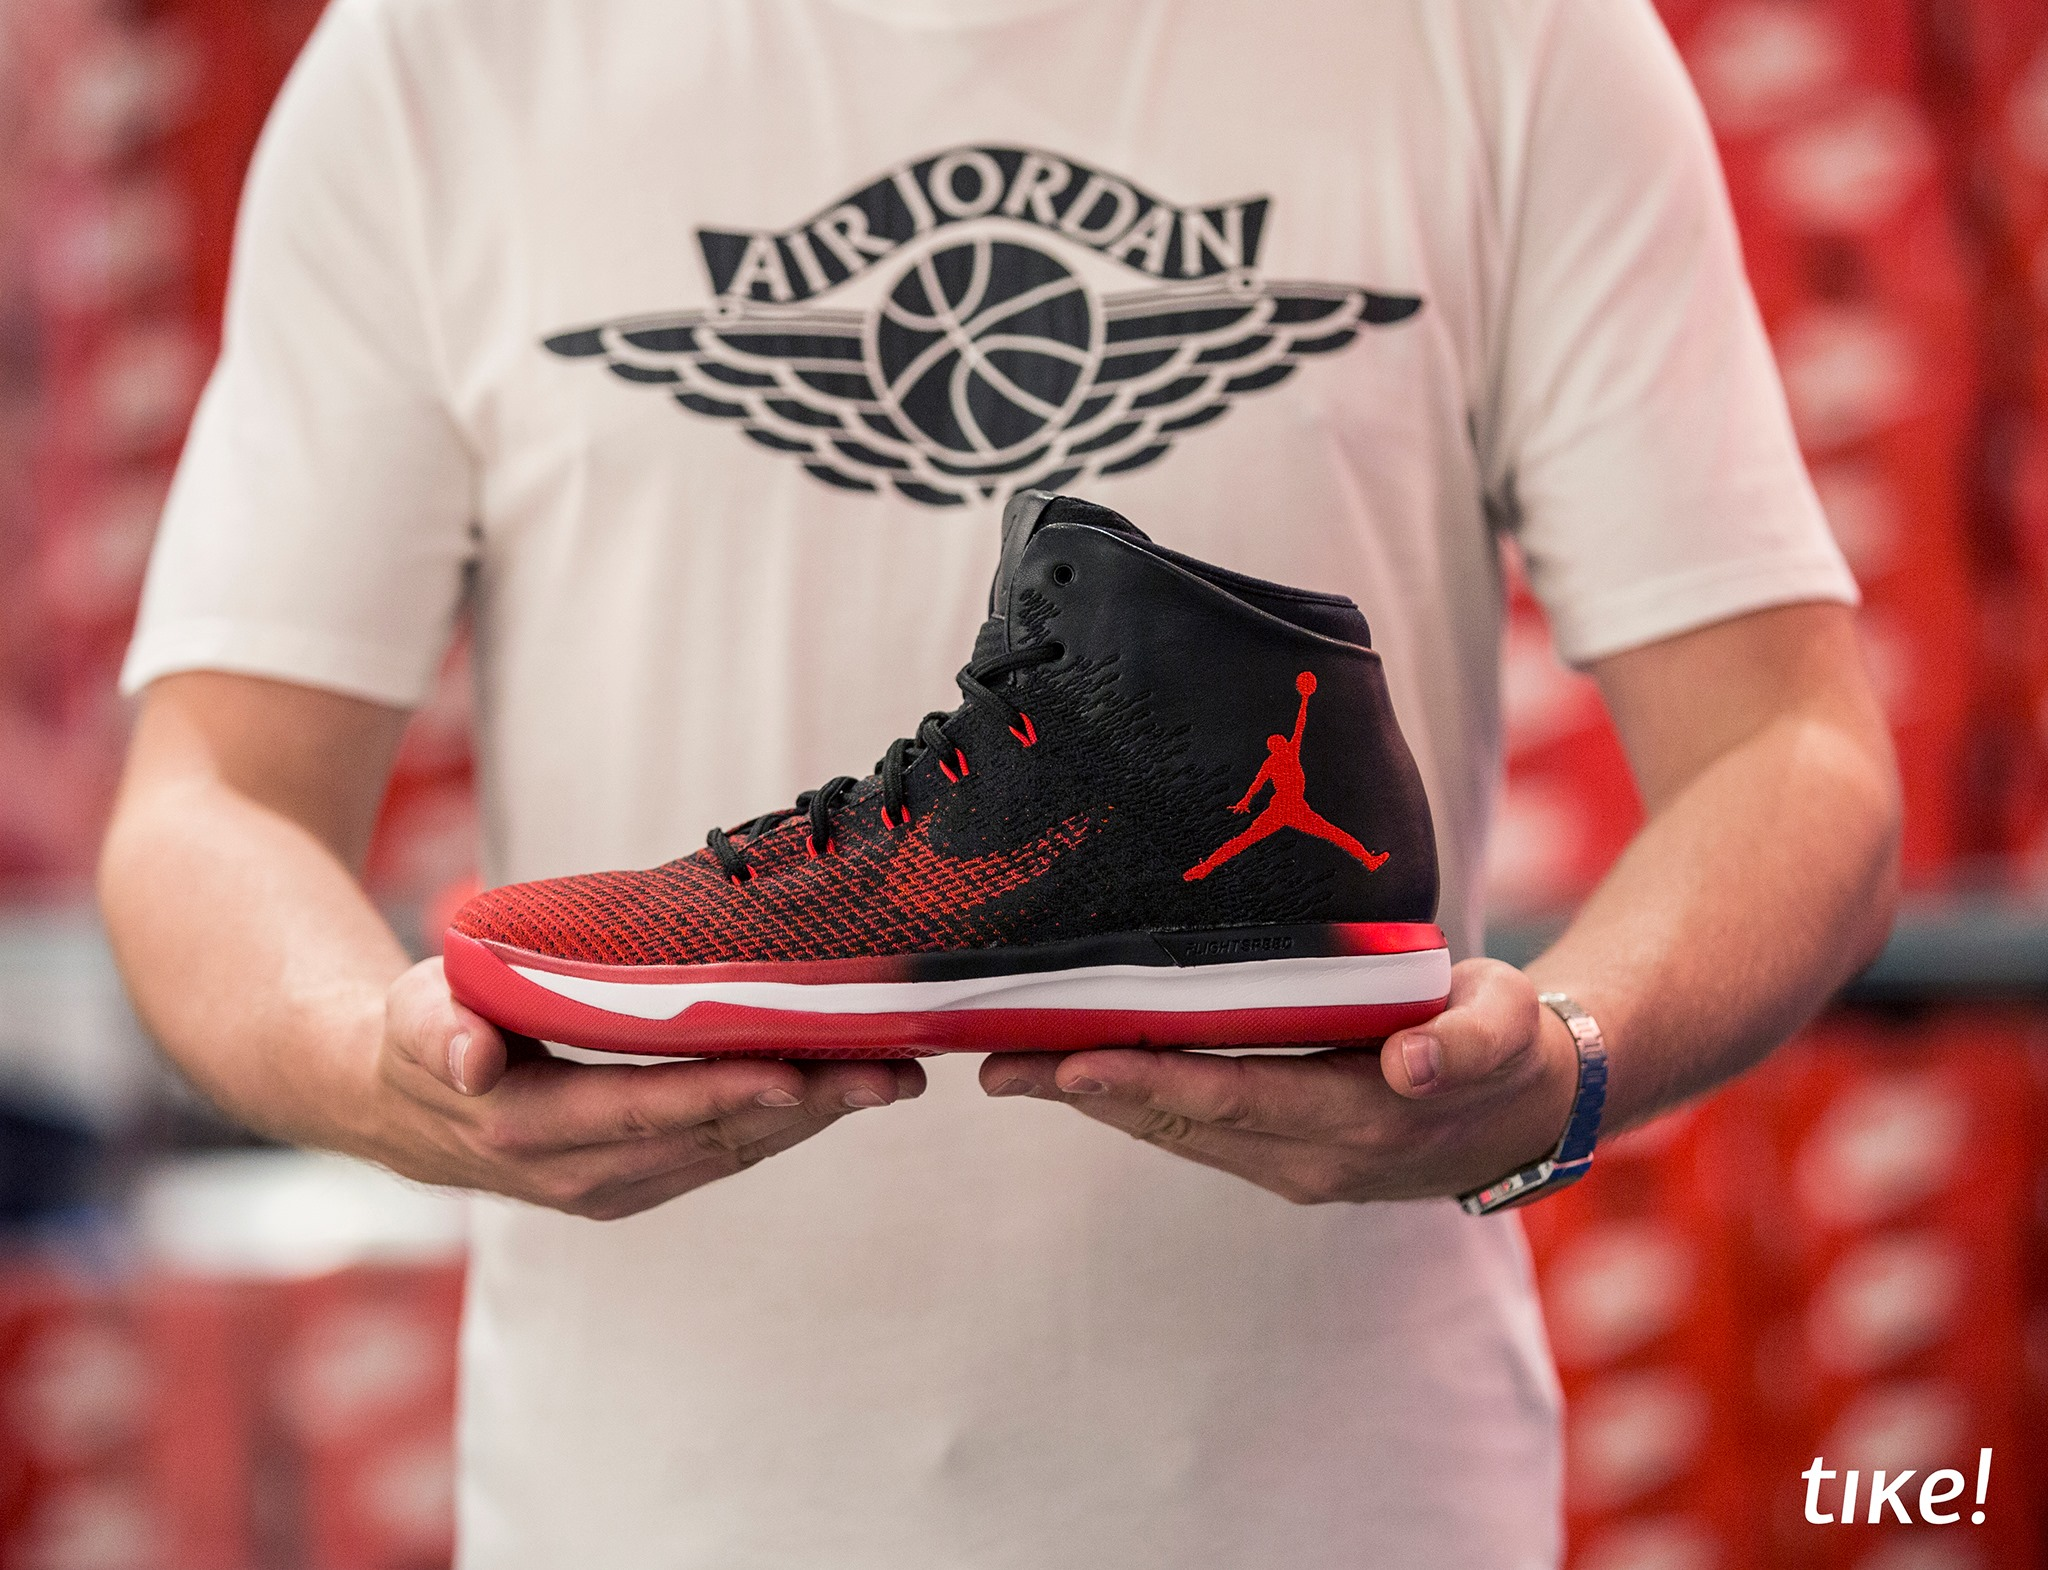 Nike Air Jordan XXXI